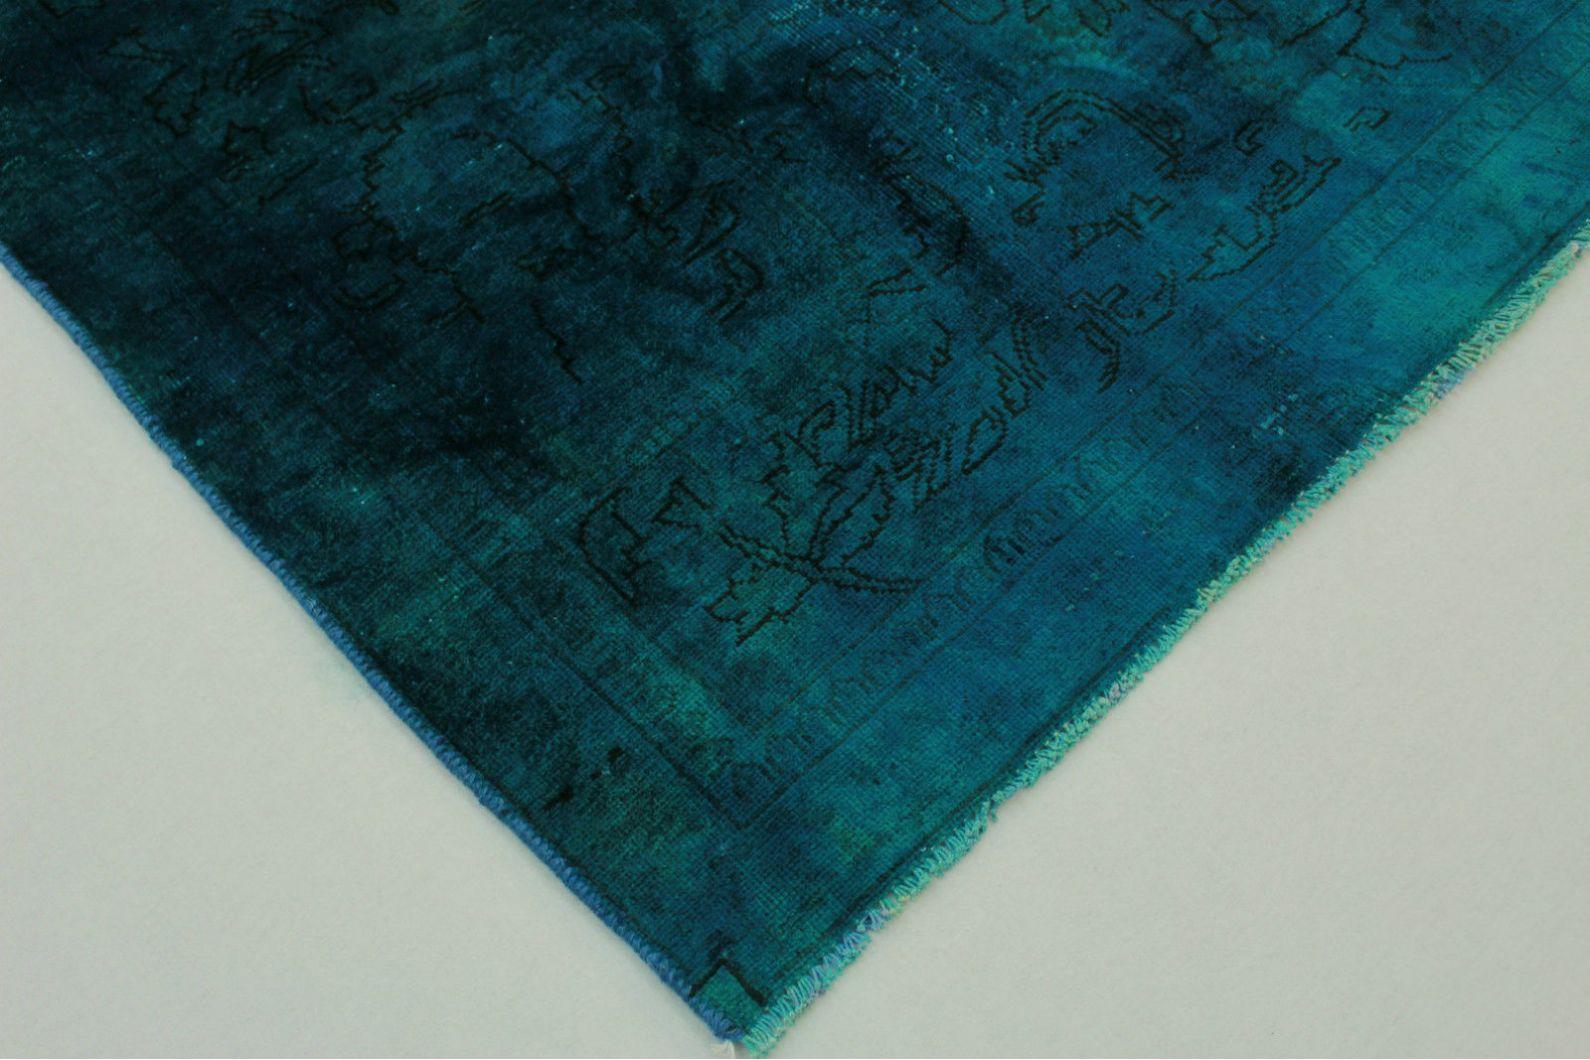 Vintage teppich blau türkis in cm  bei carpetido